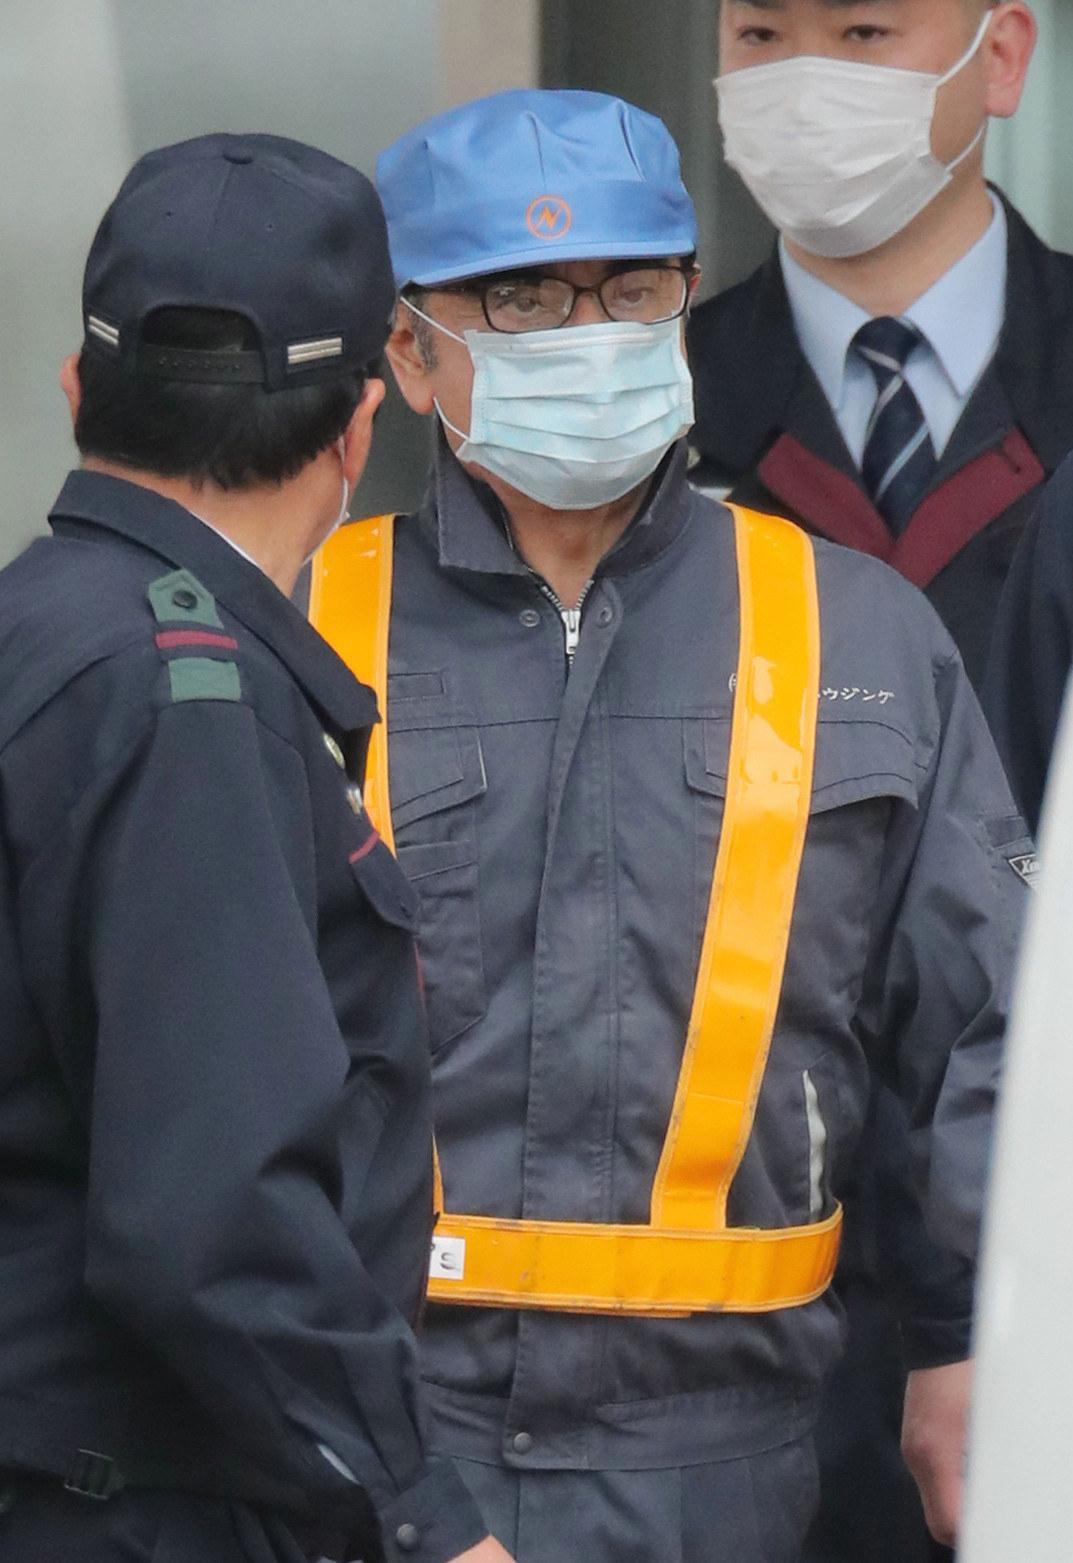 【日本電装株式会社】ゴーン被告の変装に使われた埼玉の企業 「なぜうちの帽子を」と困惑